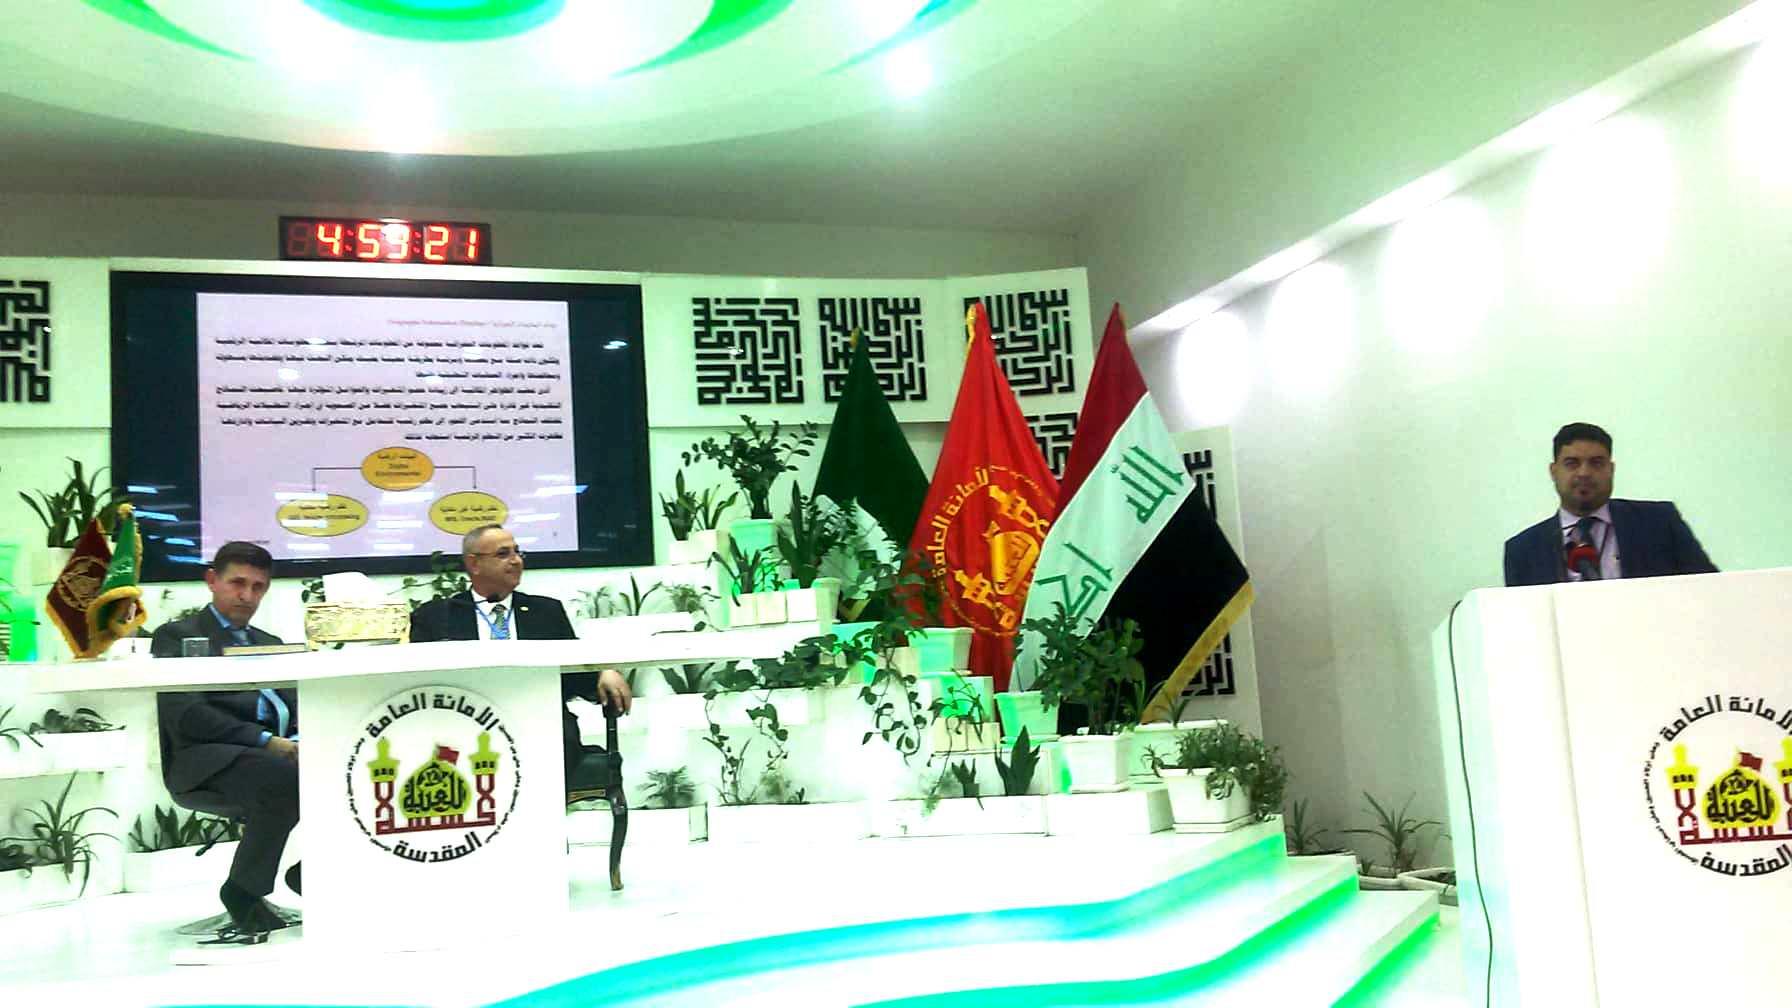 السيد عميد كلية الآثار يمثل السيدة رئيس جامعة القادسية ا.د. فردوس عباس جابر الطريحي المحترمة في حضور مؤتمر علمي